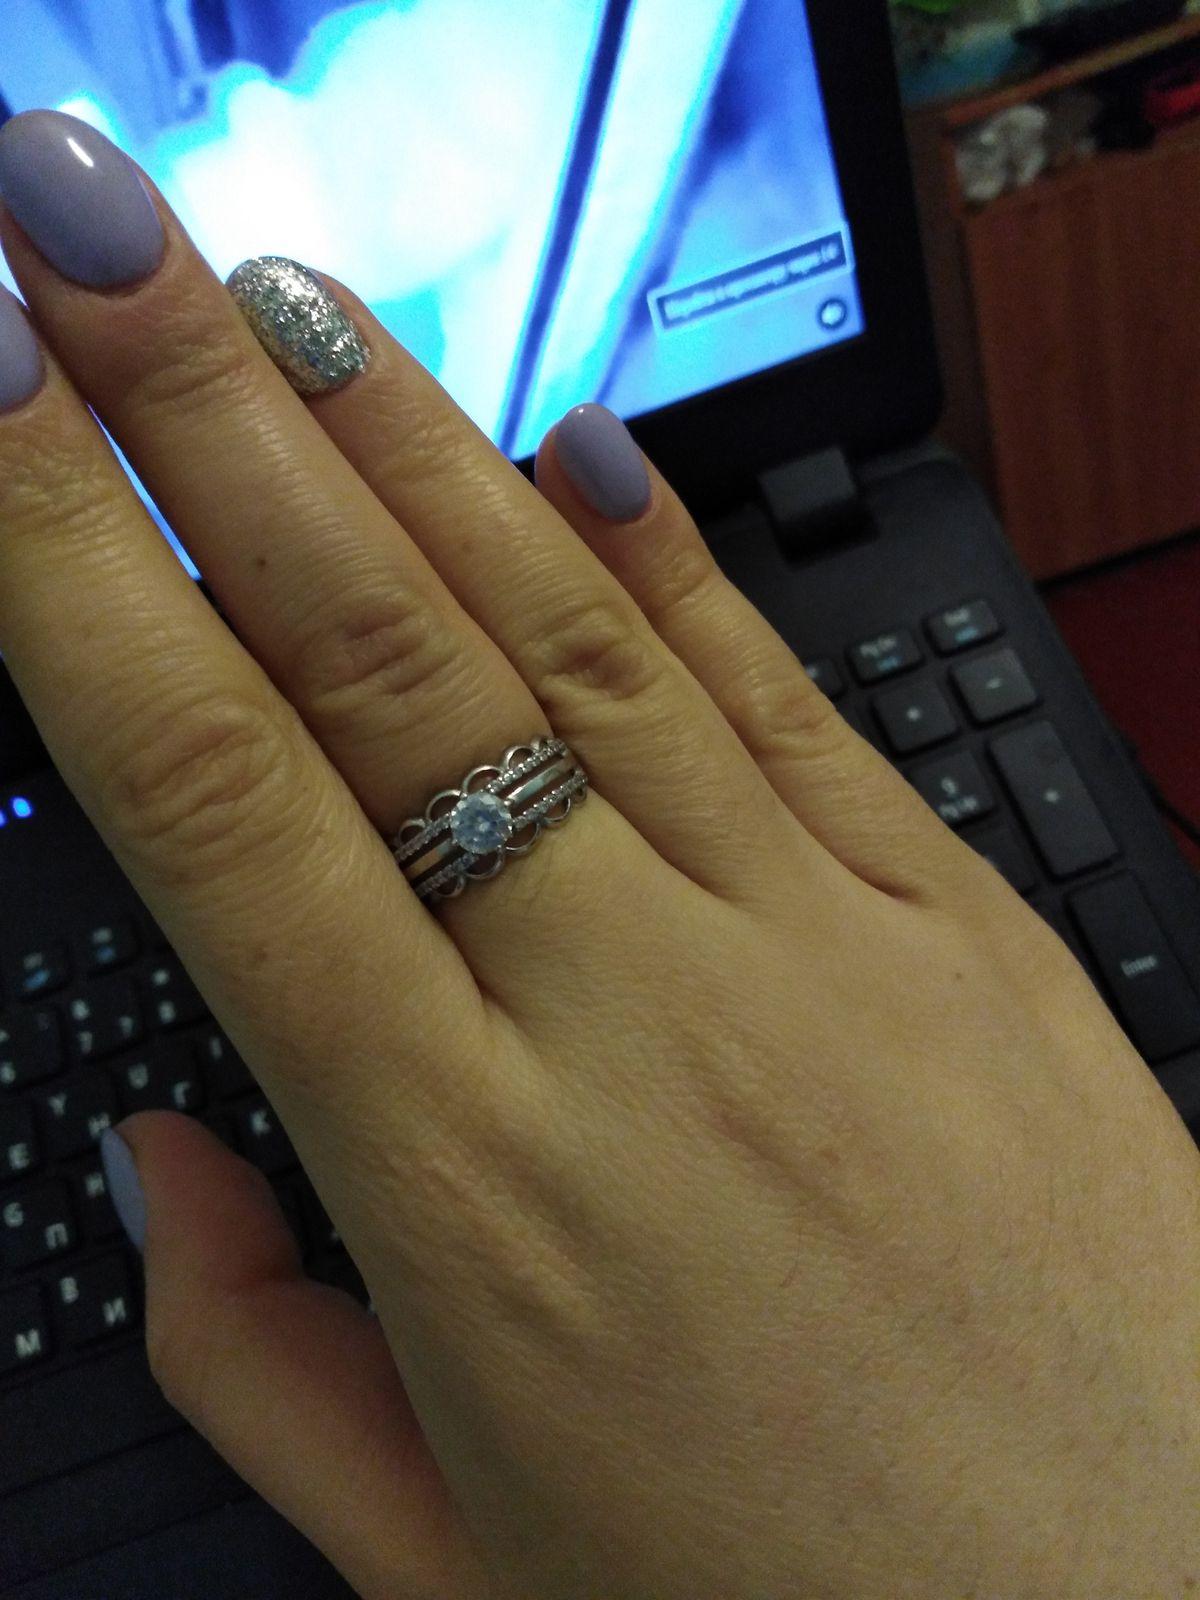 Купила кольцо себе в радость и очень довольна своей покупкой. Спасибо